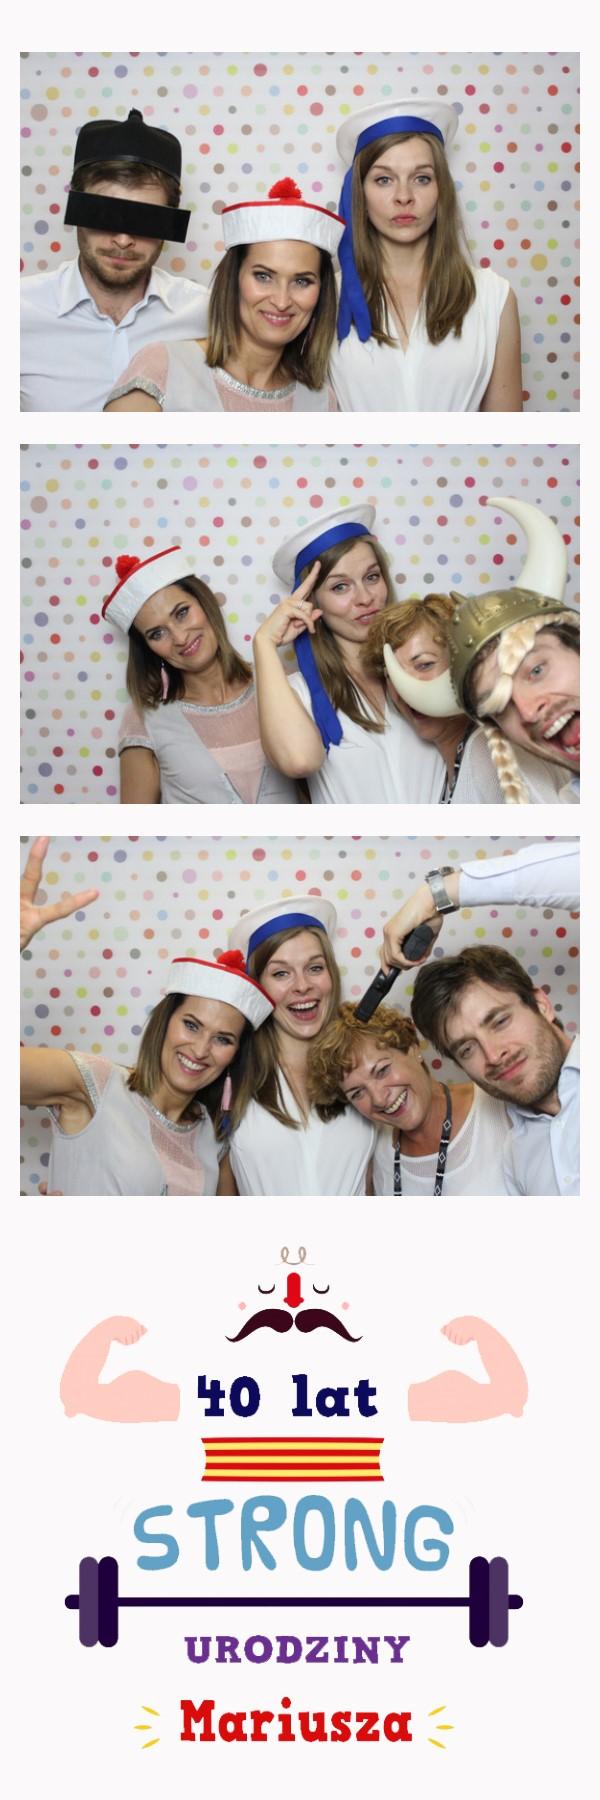 zdjęcie z fotobudki na imprezie Mariusza